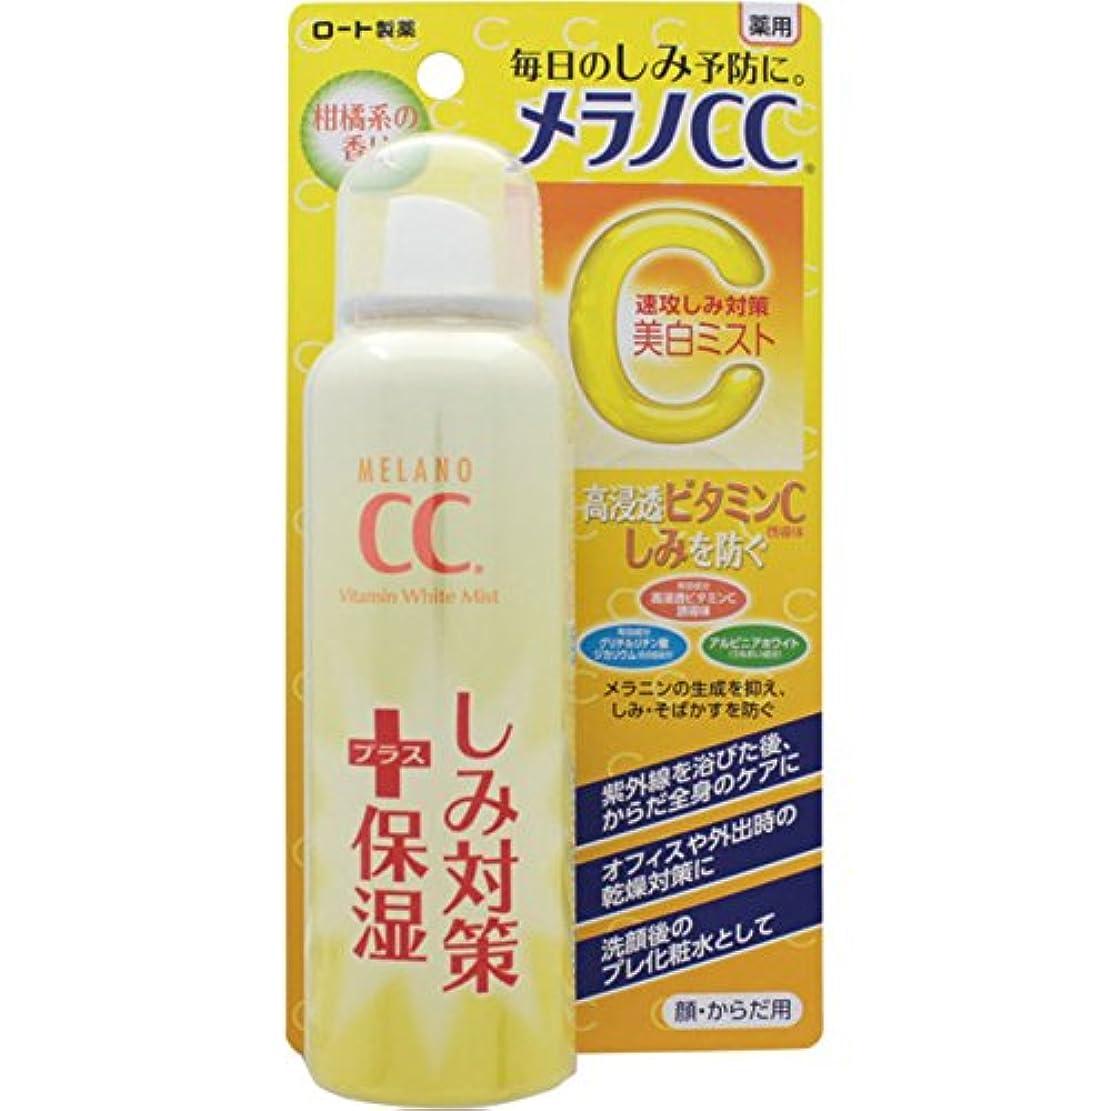 アピールく個人的な【医薬部外品】メラノCC 薬用しみ対策 美白ミスト化粧水 100g